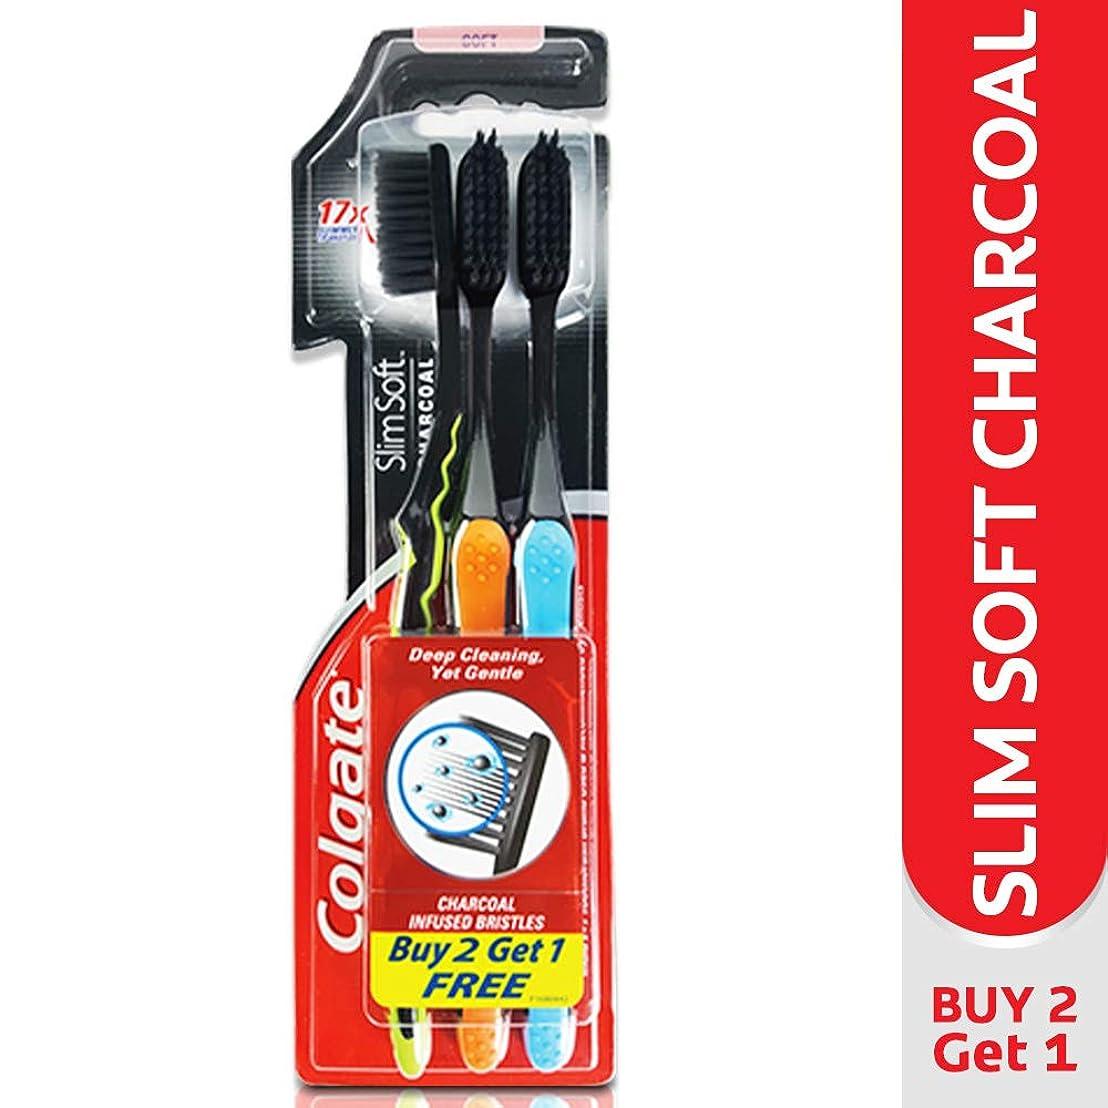 贈り物裁判所指導するColgate Slim Soft Charcoal Toothbrush (Pack of 3) 17x Slimmer Soft Tip Bristles (Ship From India)